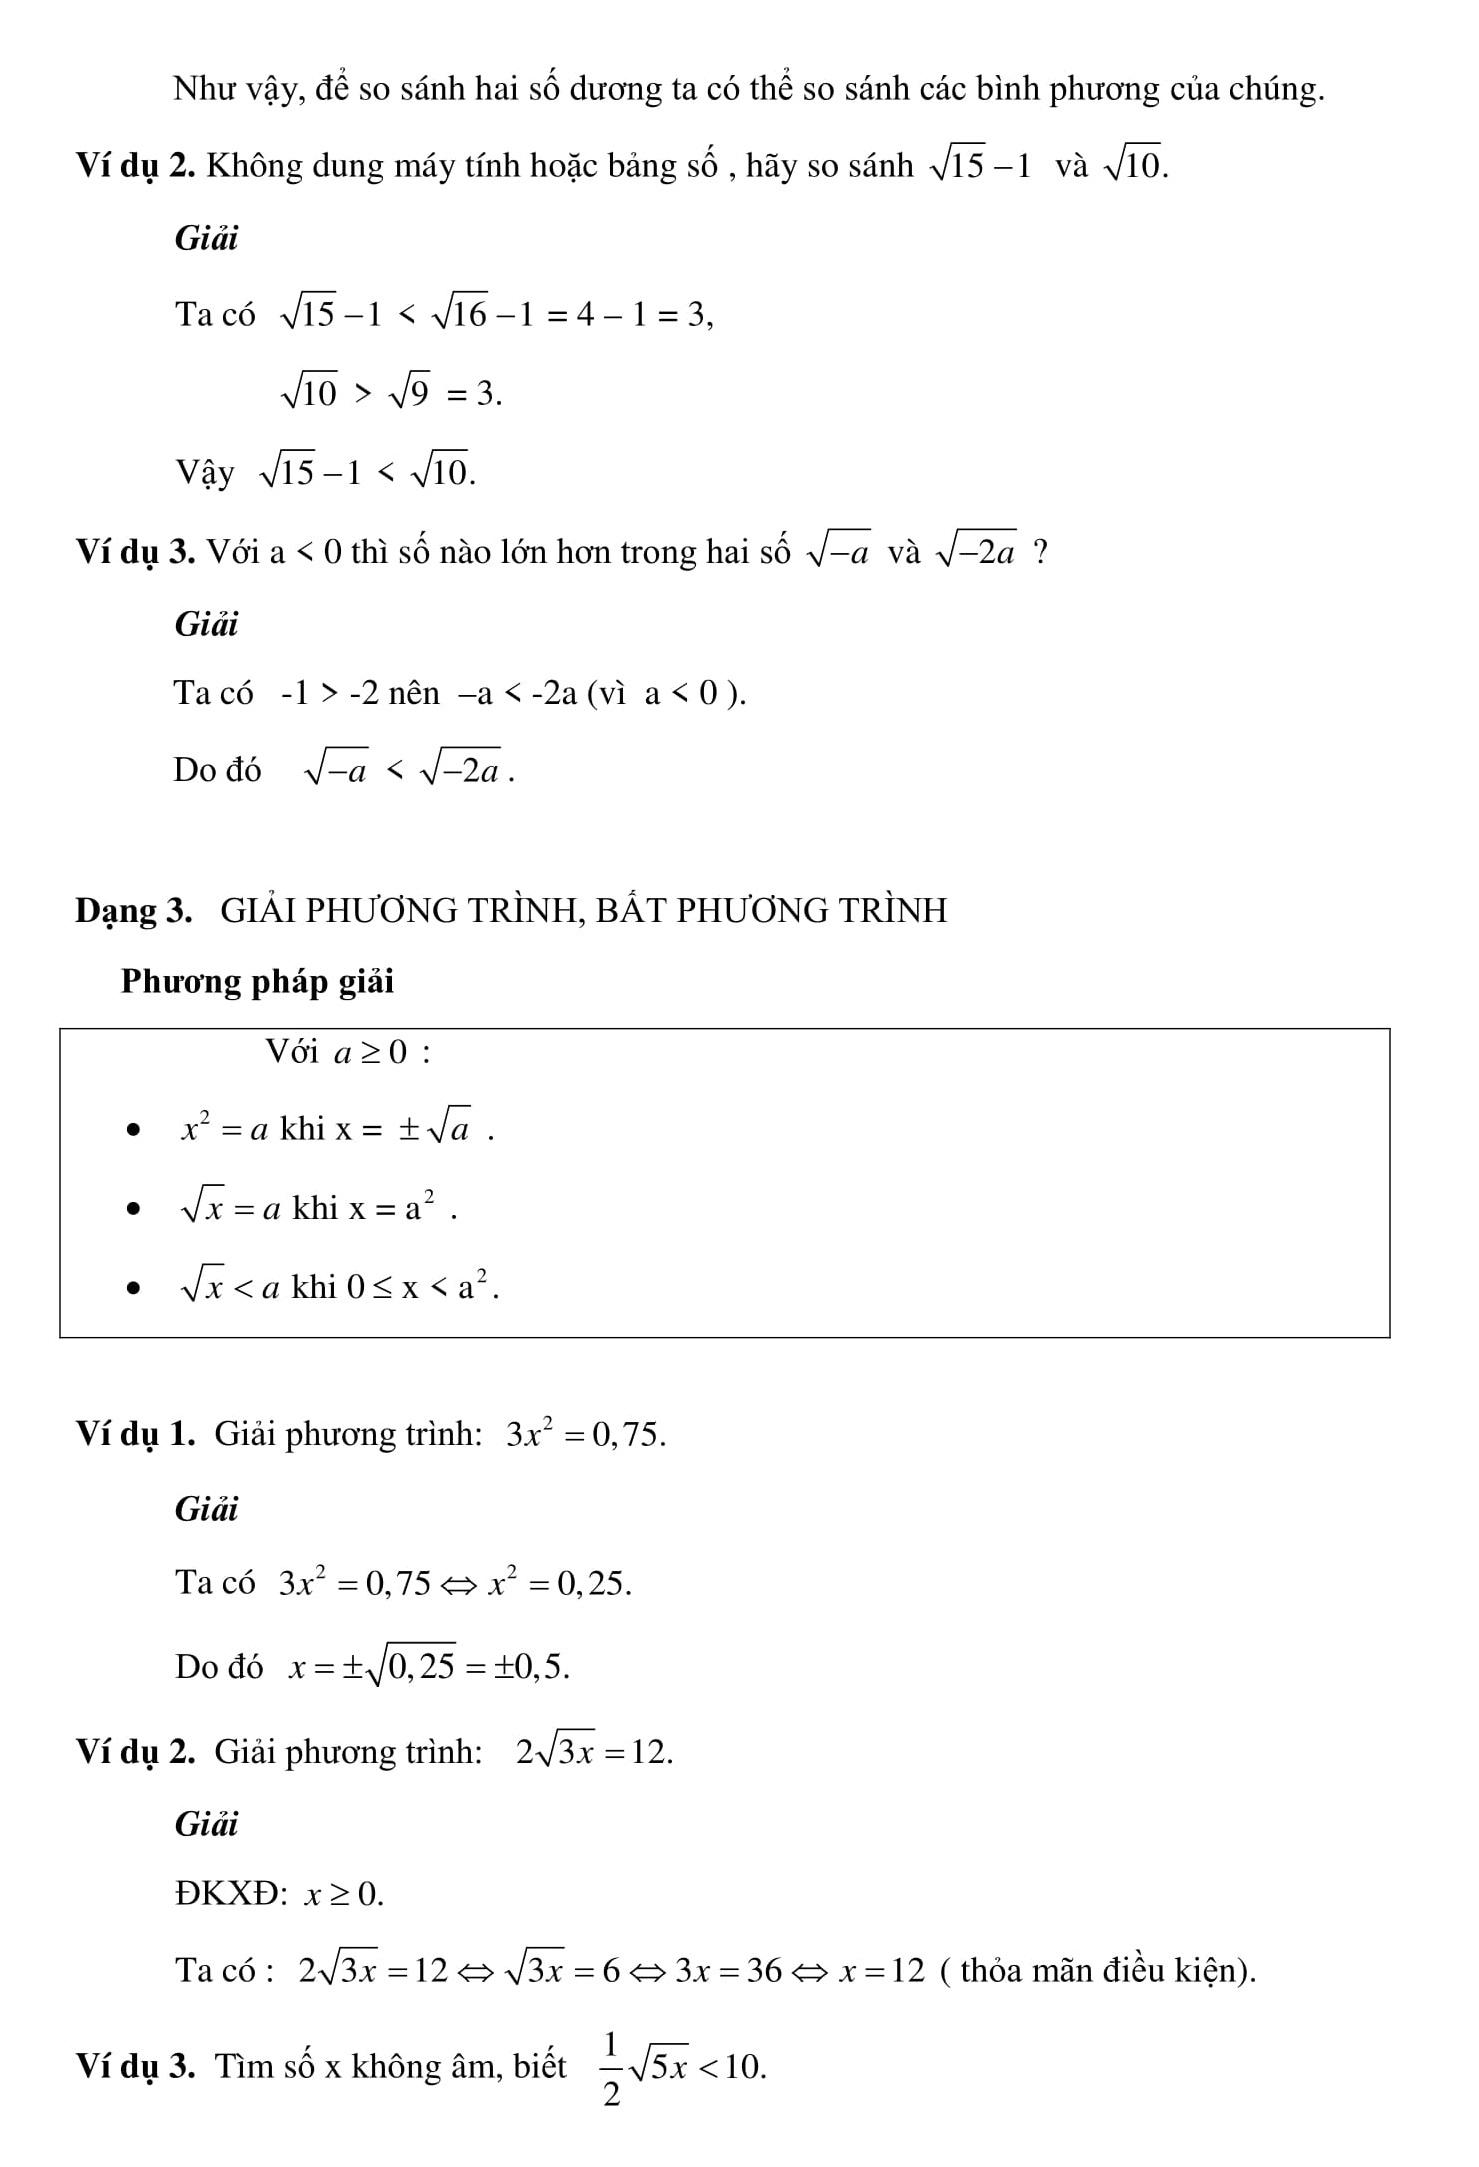 Chuyên đề 1: Căn bậc 2 và căn bậc 3 được tổng hợp